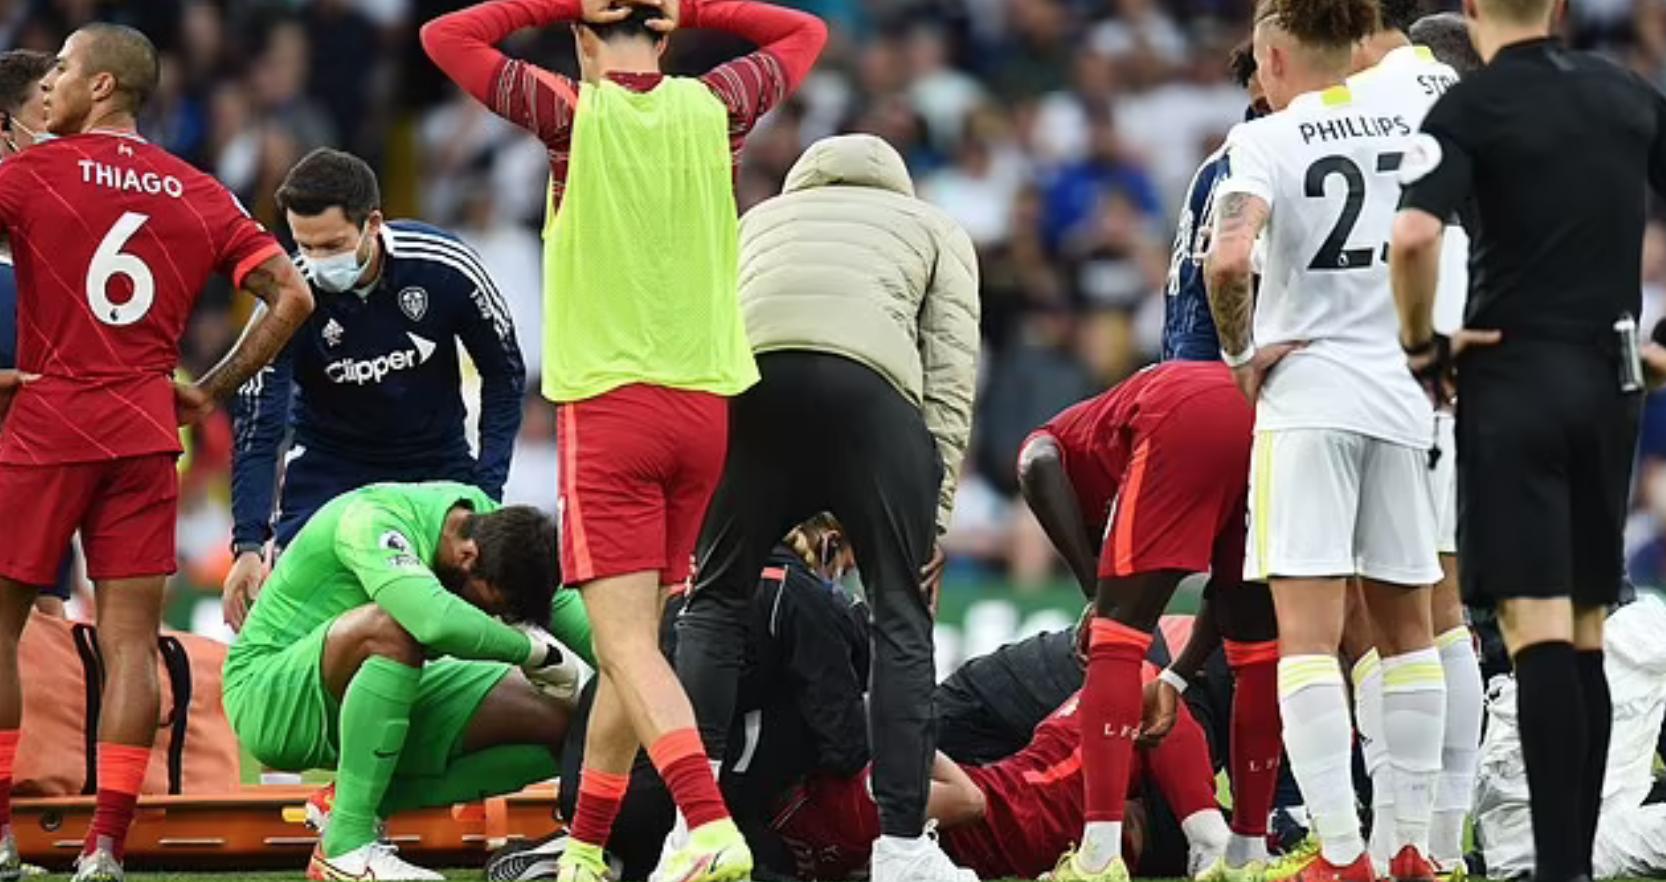 Các cầu thủ đều sốc khi chứng kiến Elliott nằm sân. Ảnh: Reuters